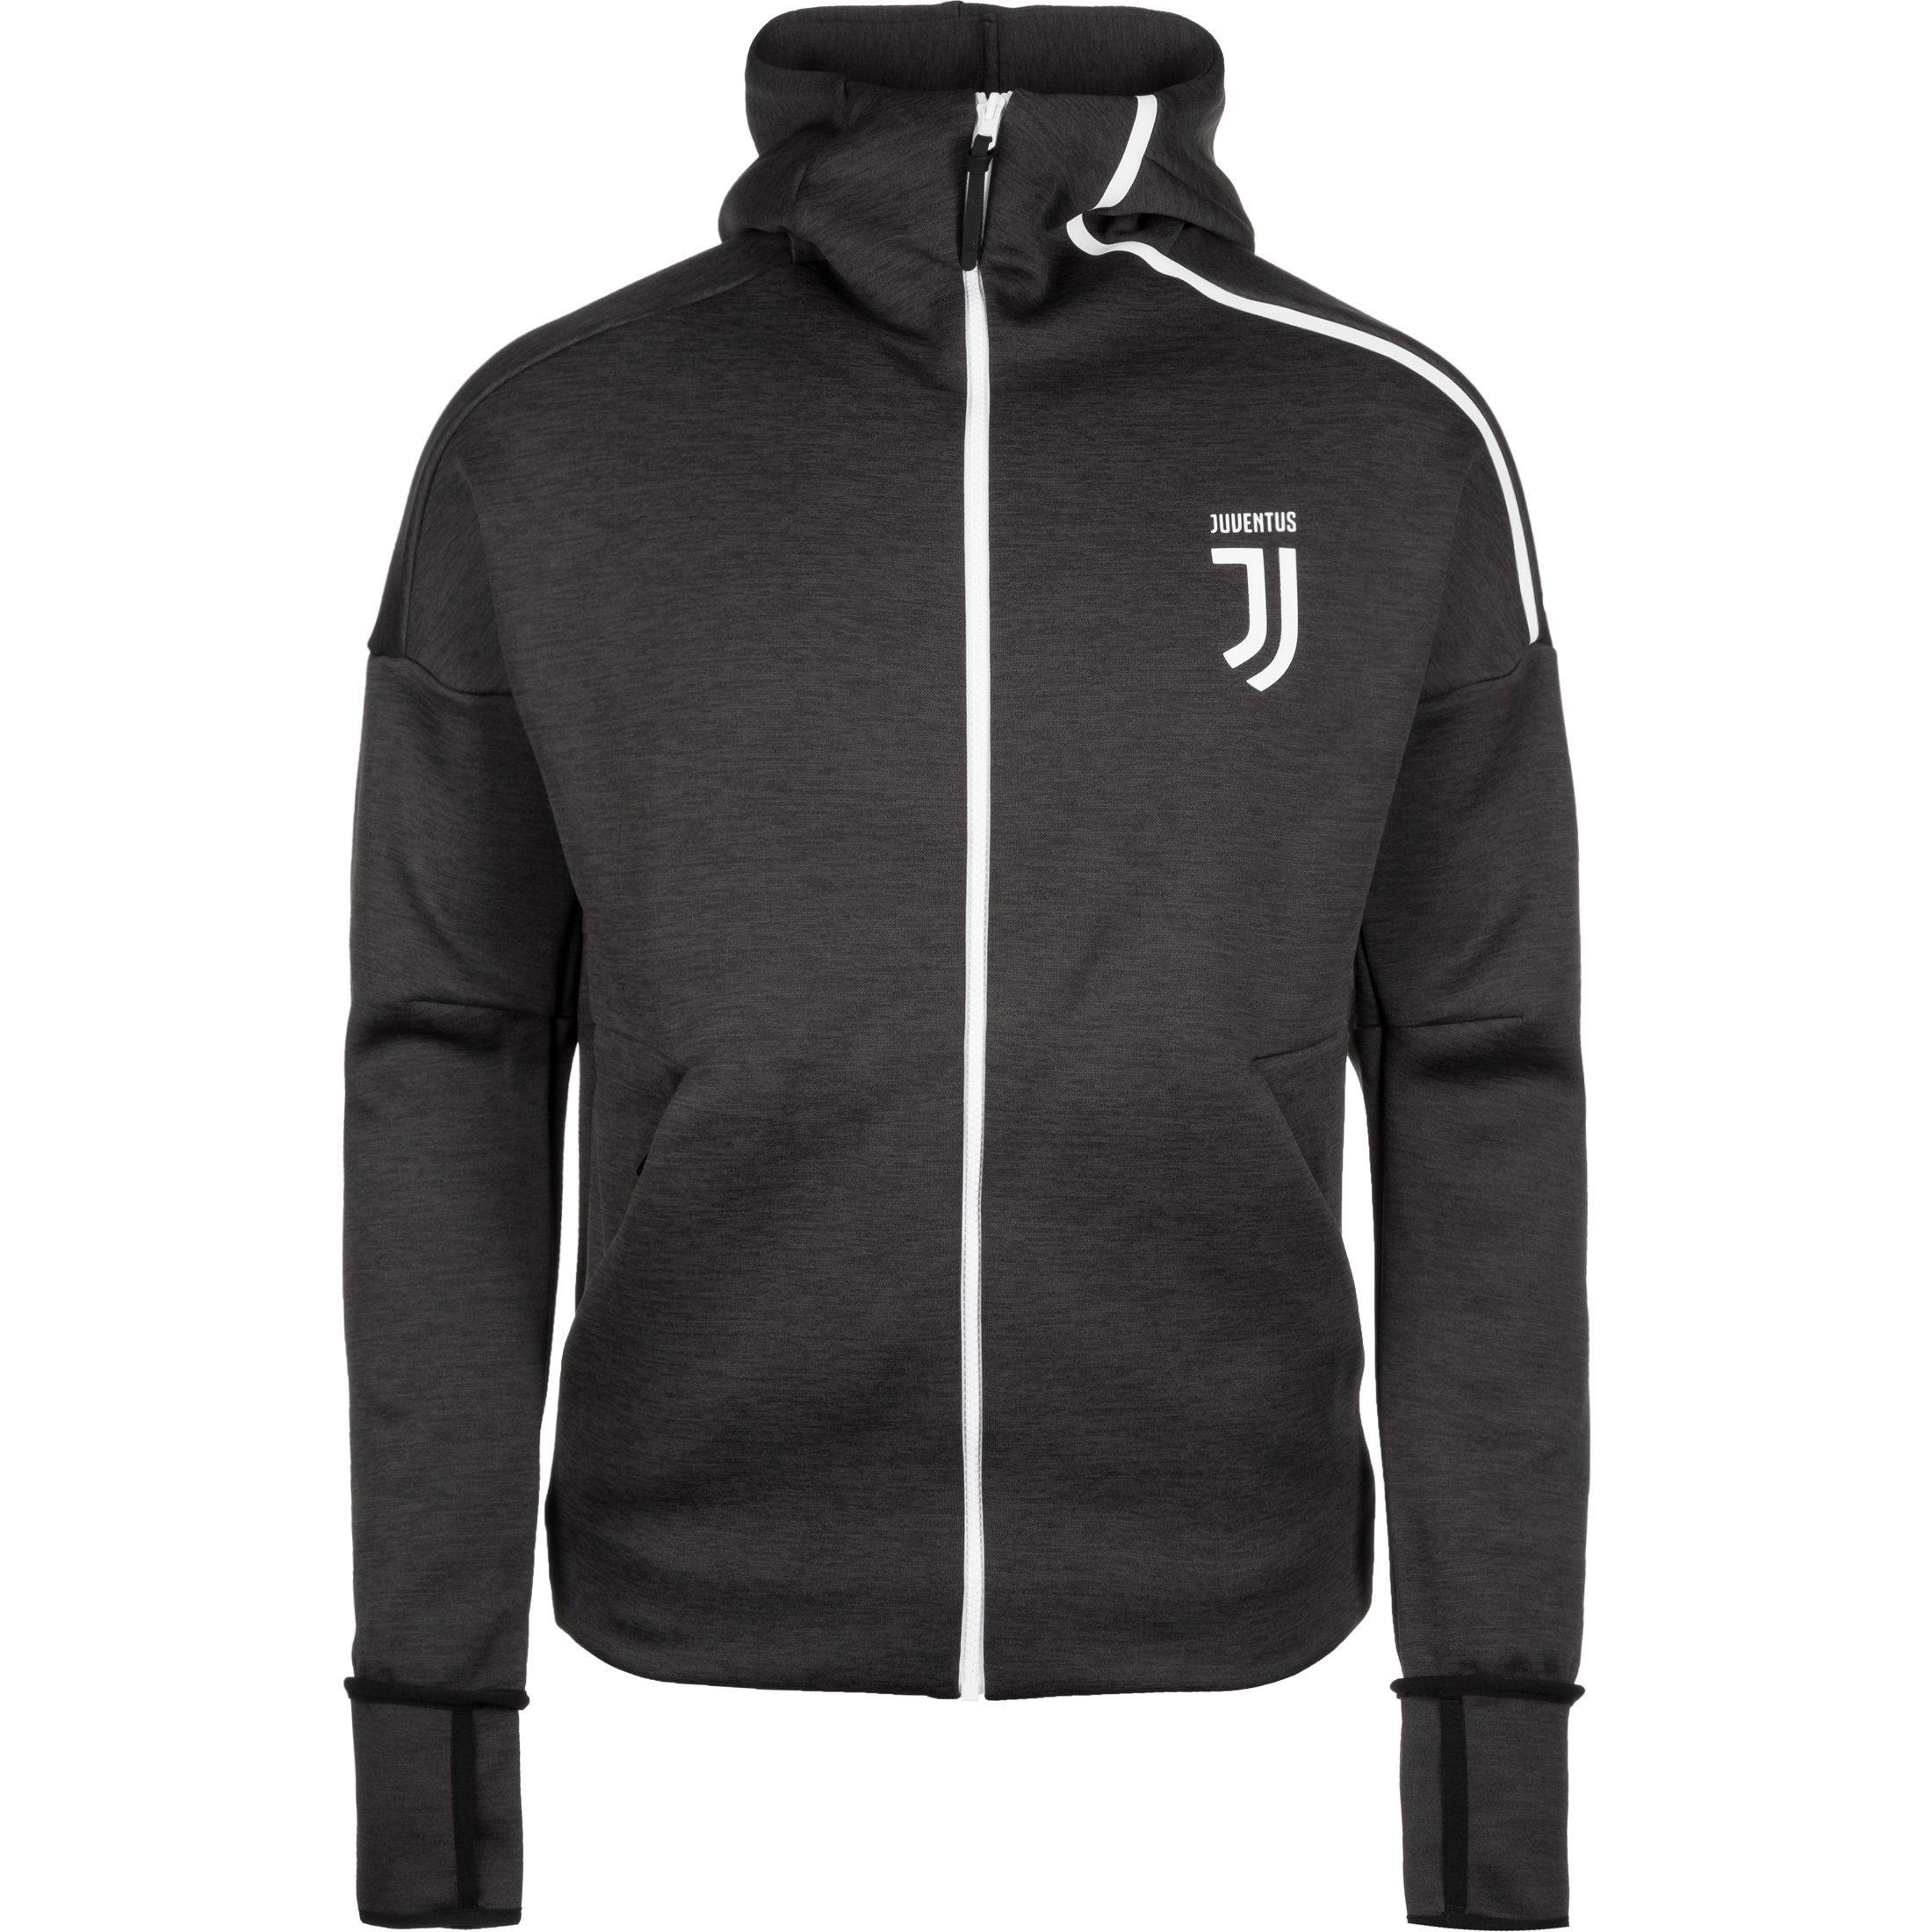 adidas Performance Walkjacke »Juventus Turin Z.n.e. Anthem